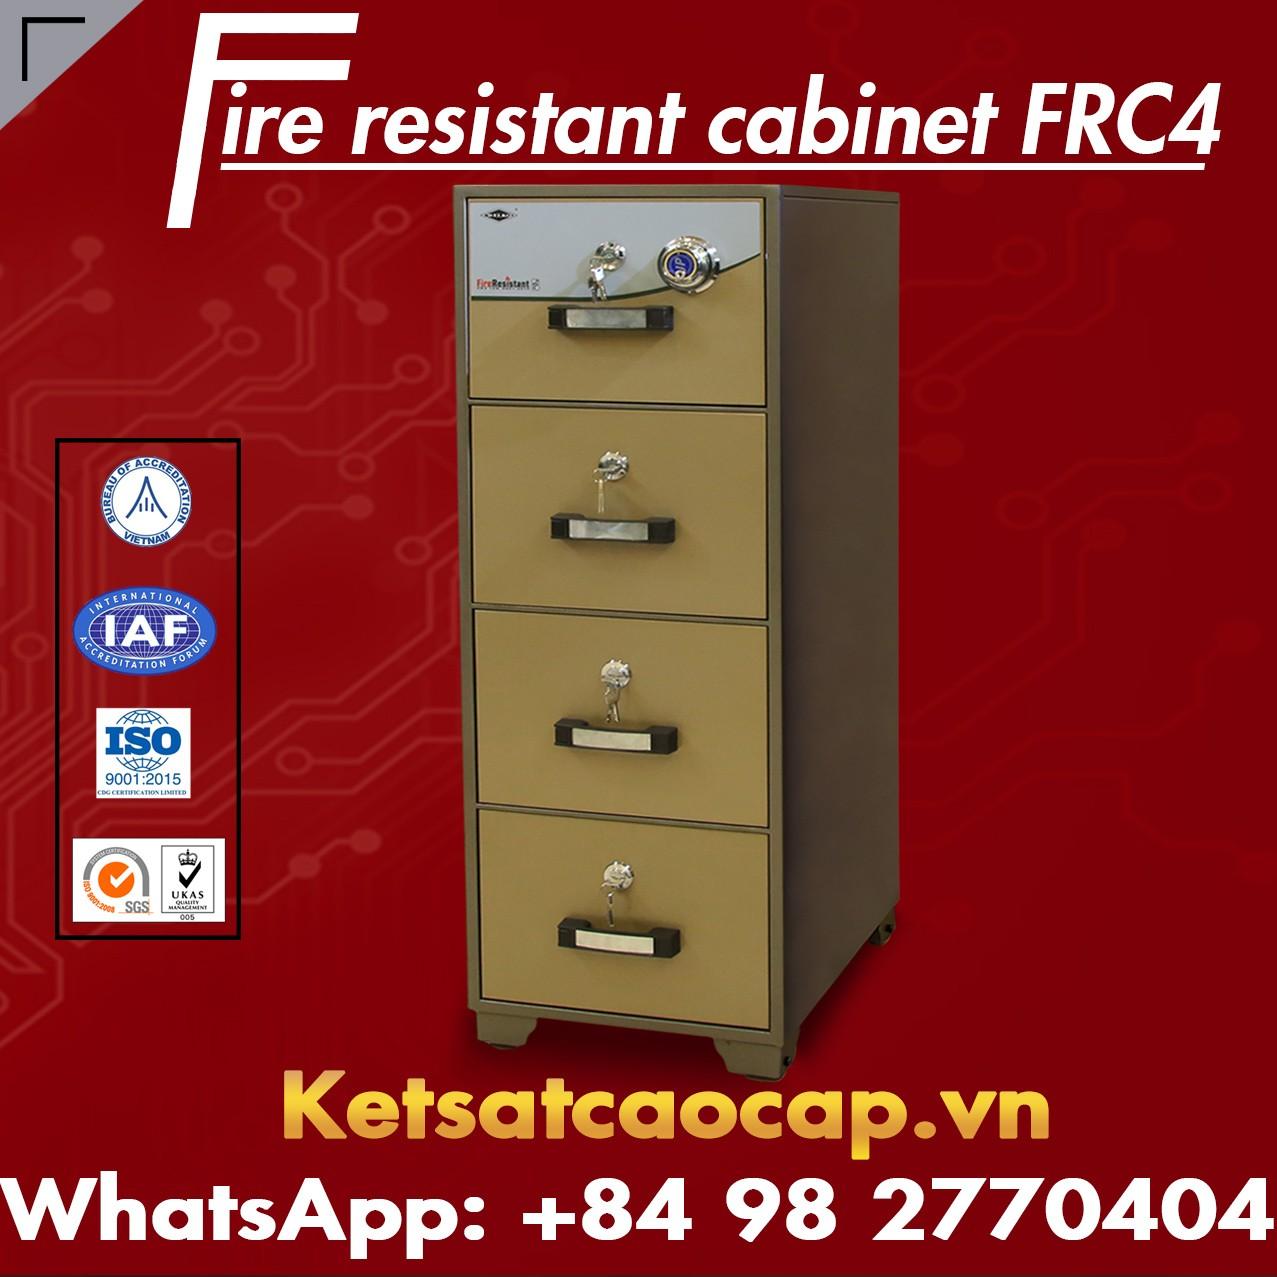 Miễn phí giao hàng tủ hồ sơ chống cháy